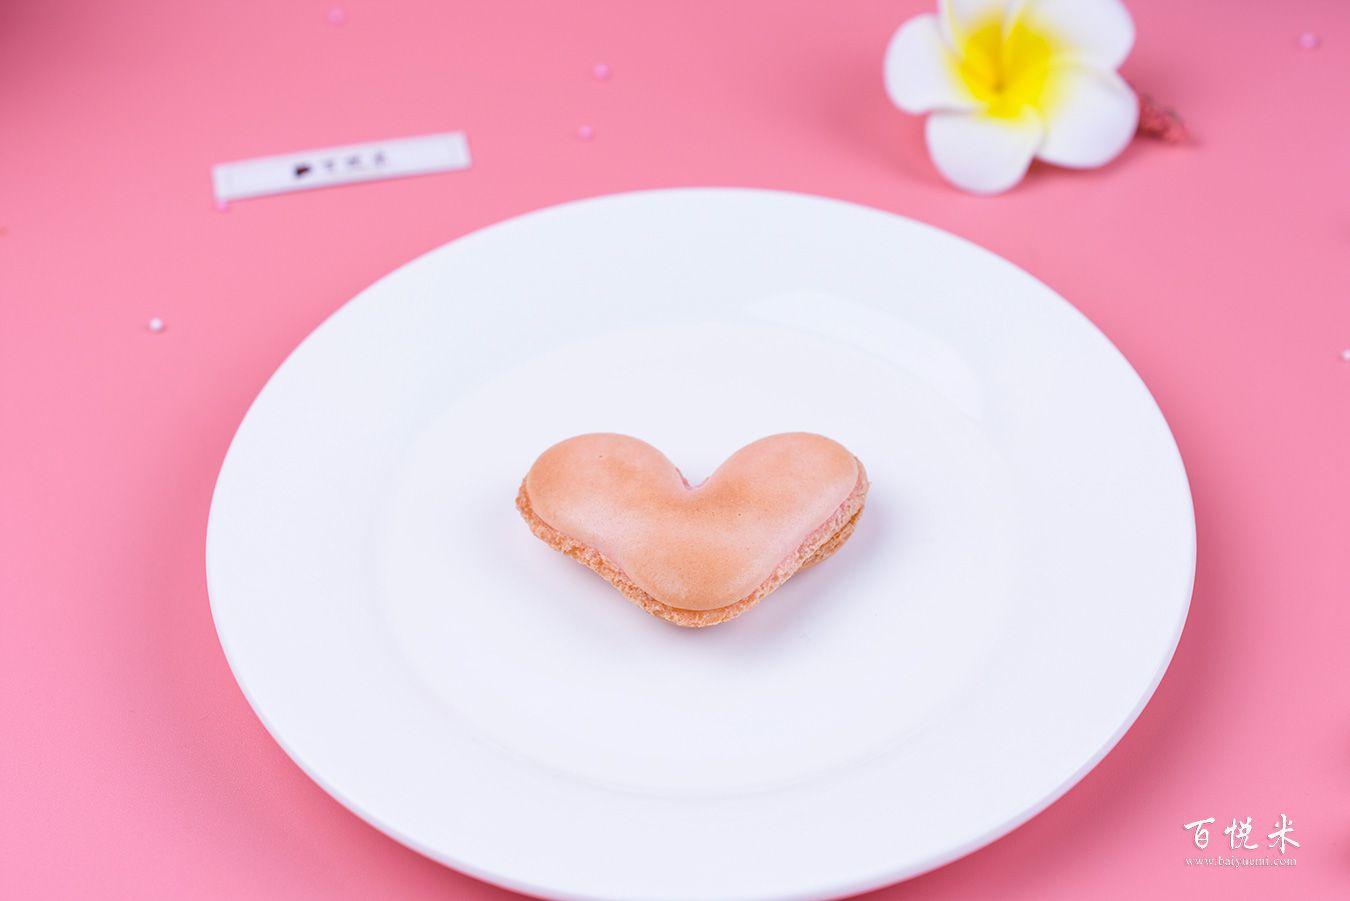 爱心马卡龙高清图片大全【蛋糕图片】_730